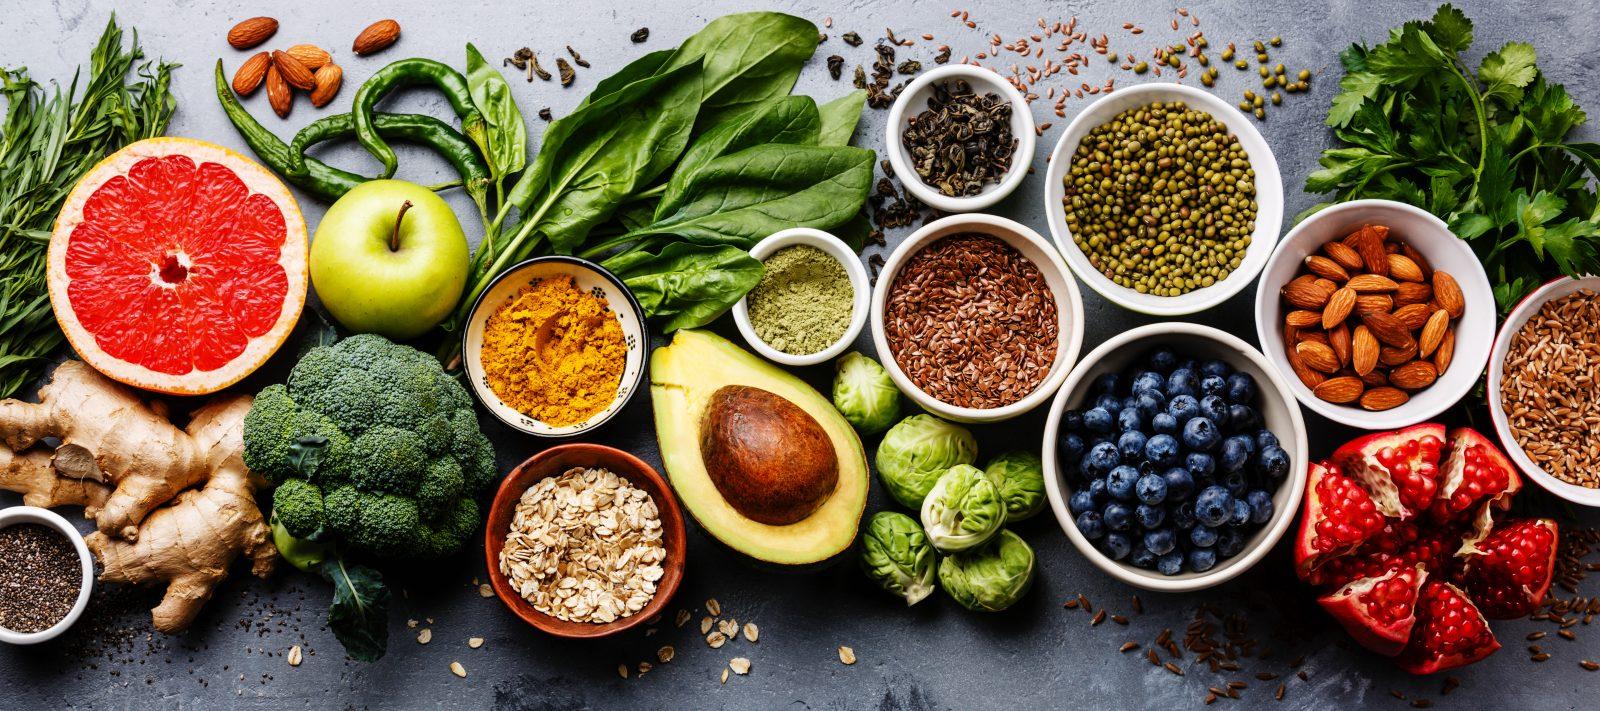 healhty foods - snap